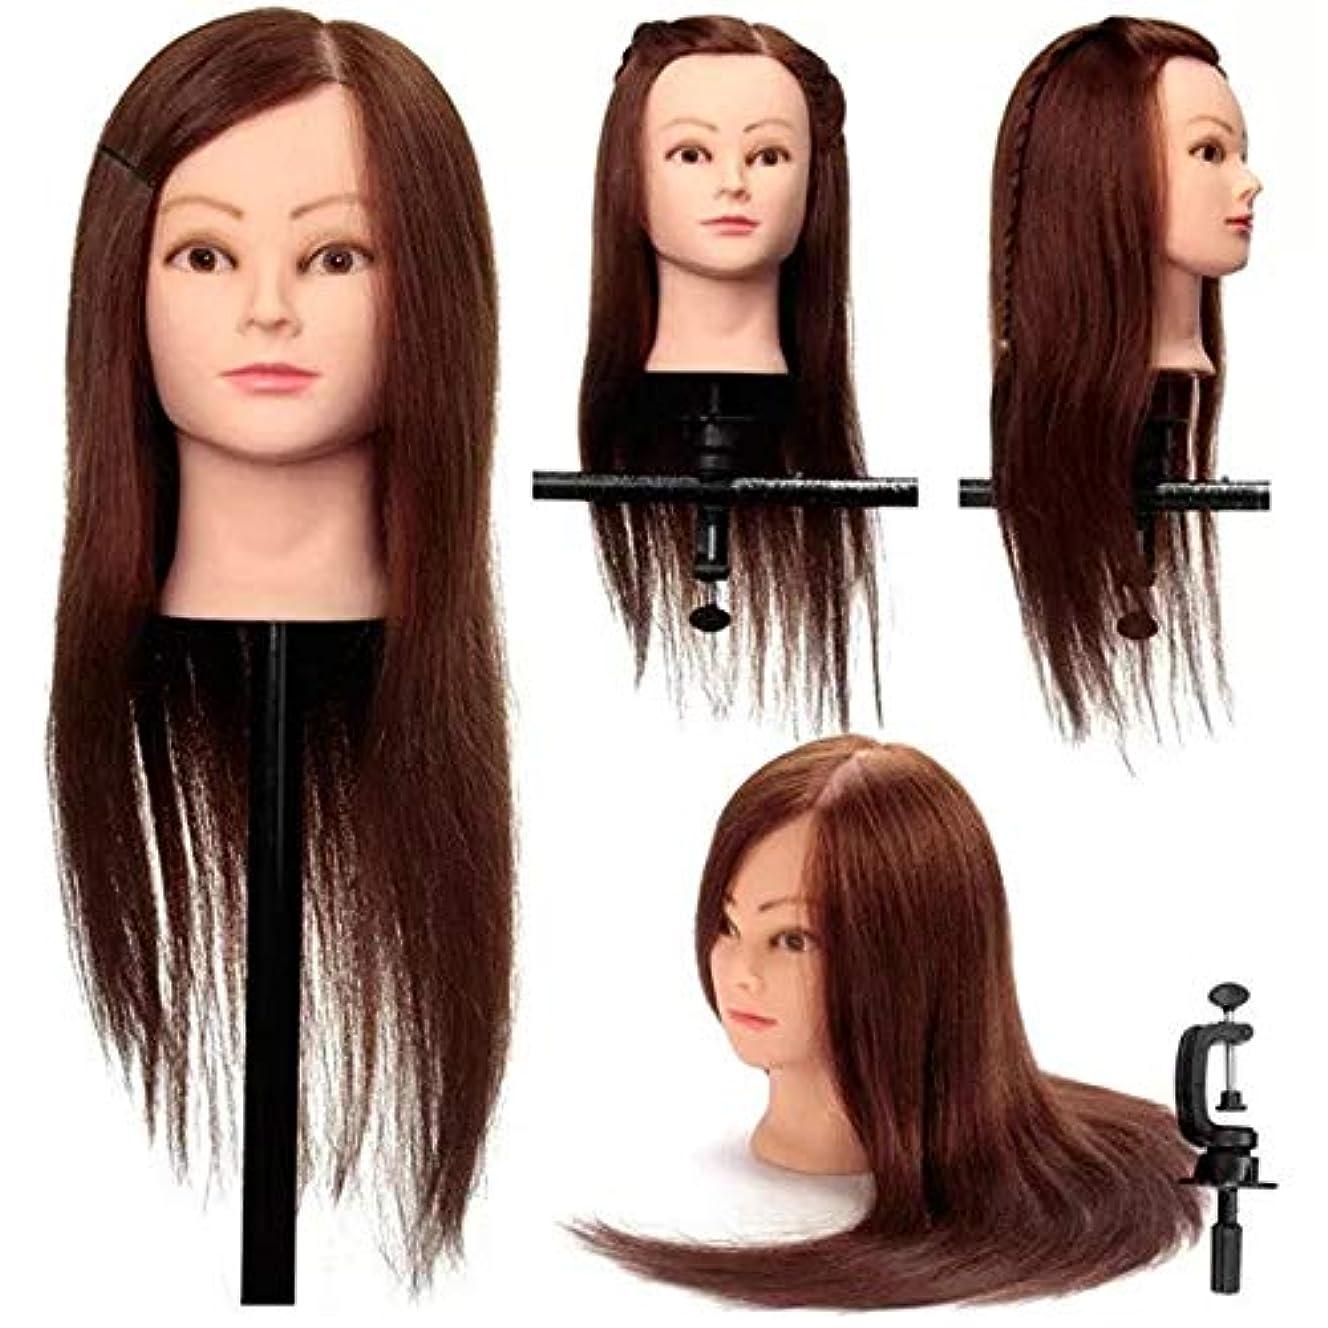 リル到着するホバーマネキンヘッド コーヒー100%本物の人間の髪の毛のトレーニング頭部切断練習マネキンクランプホルダ 練習用 グマネキンヘッド (色 : 褐色, サイズ : 26X50cm(head circum))